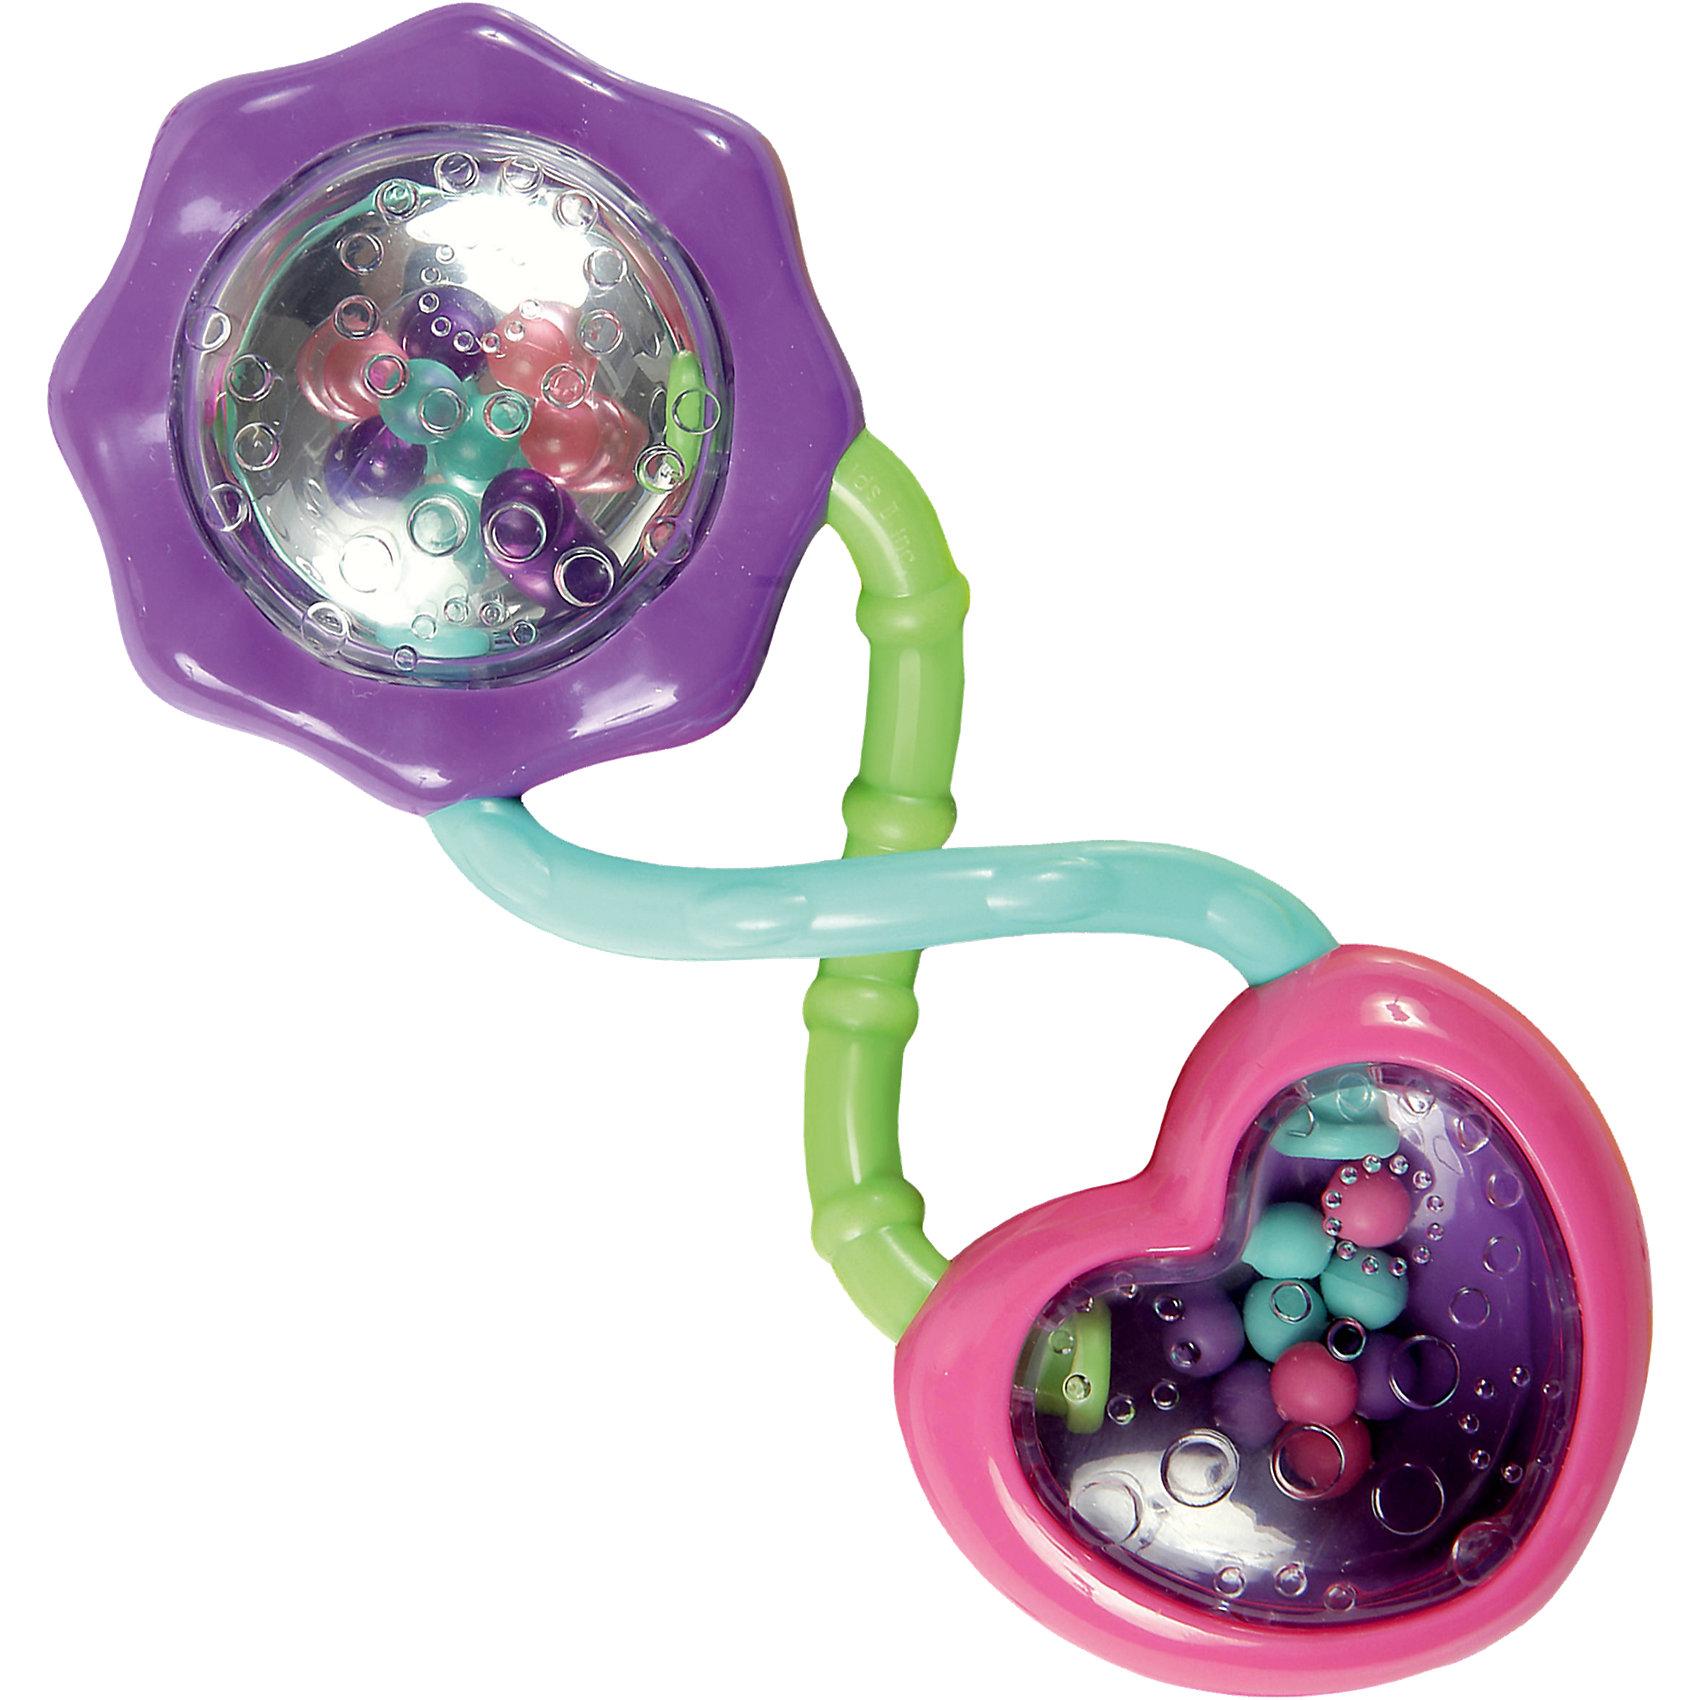 """Фото Bright Starts Развивающая игрушка """"Розовый калейдоскоп"""" Bright Starts"""